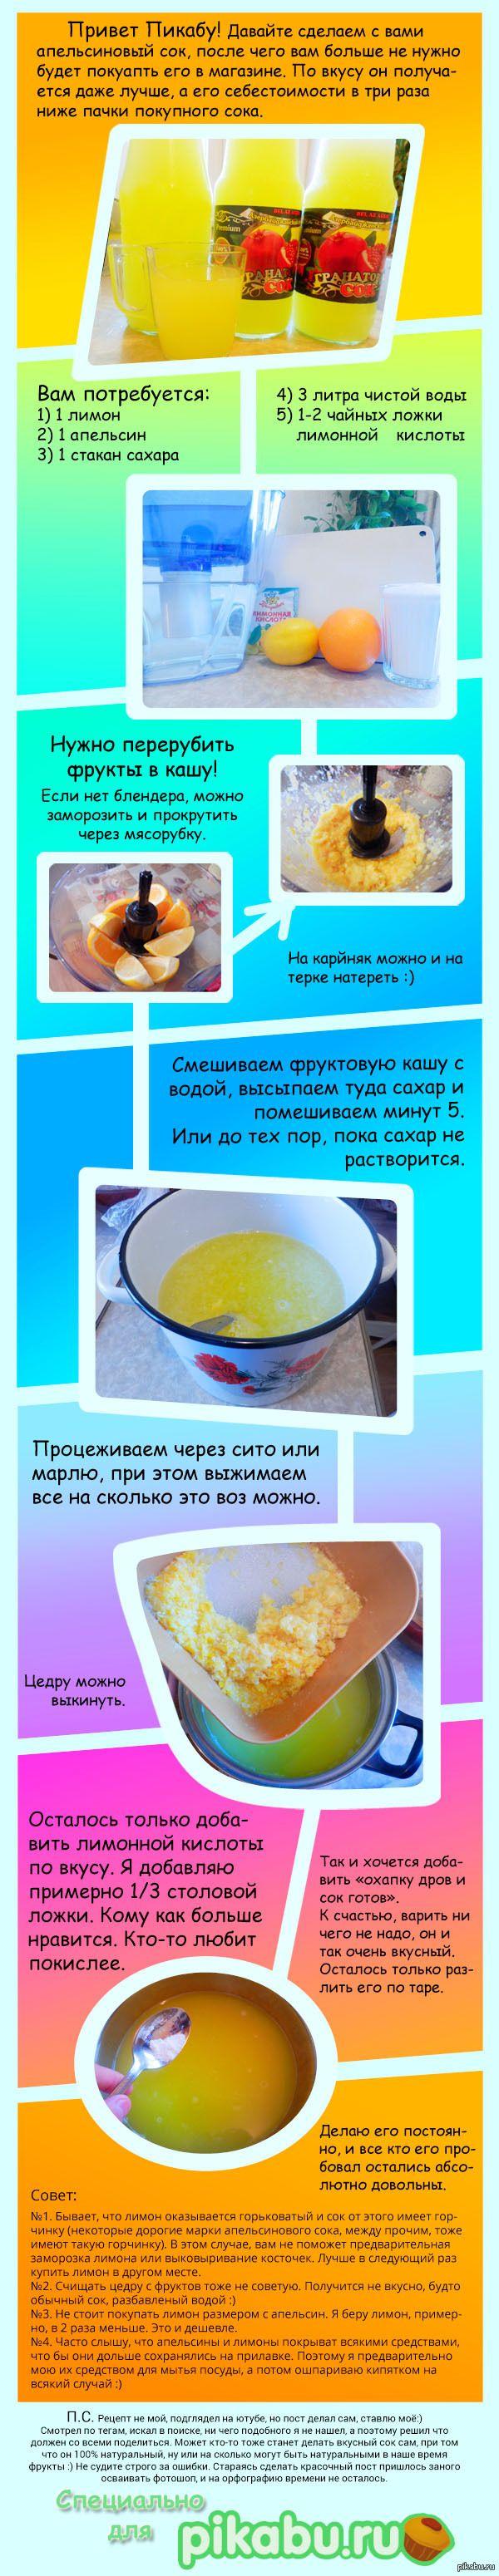 Делаем вкусный сок! В домашних условиях быстро и без труда можно сделать апельсиновый сок из натуральных фруктов без соковыжималки.